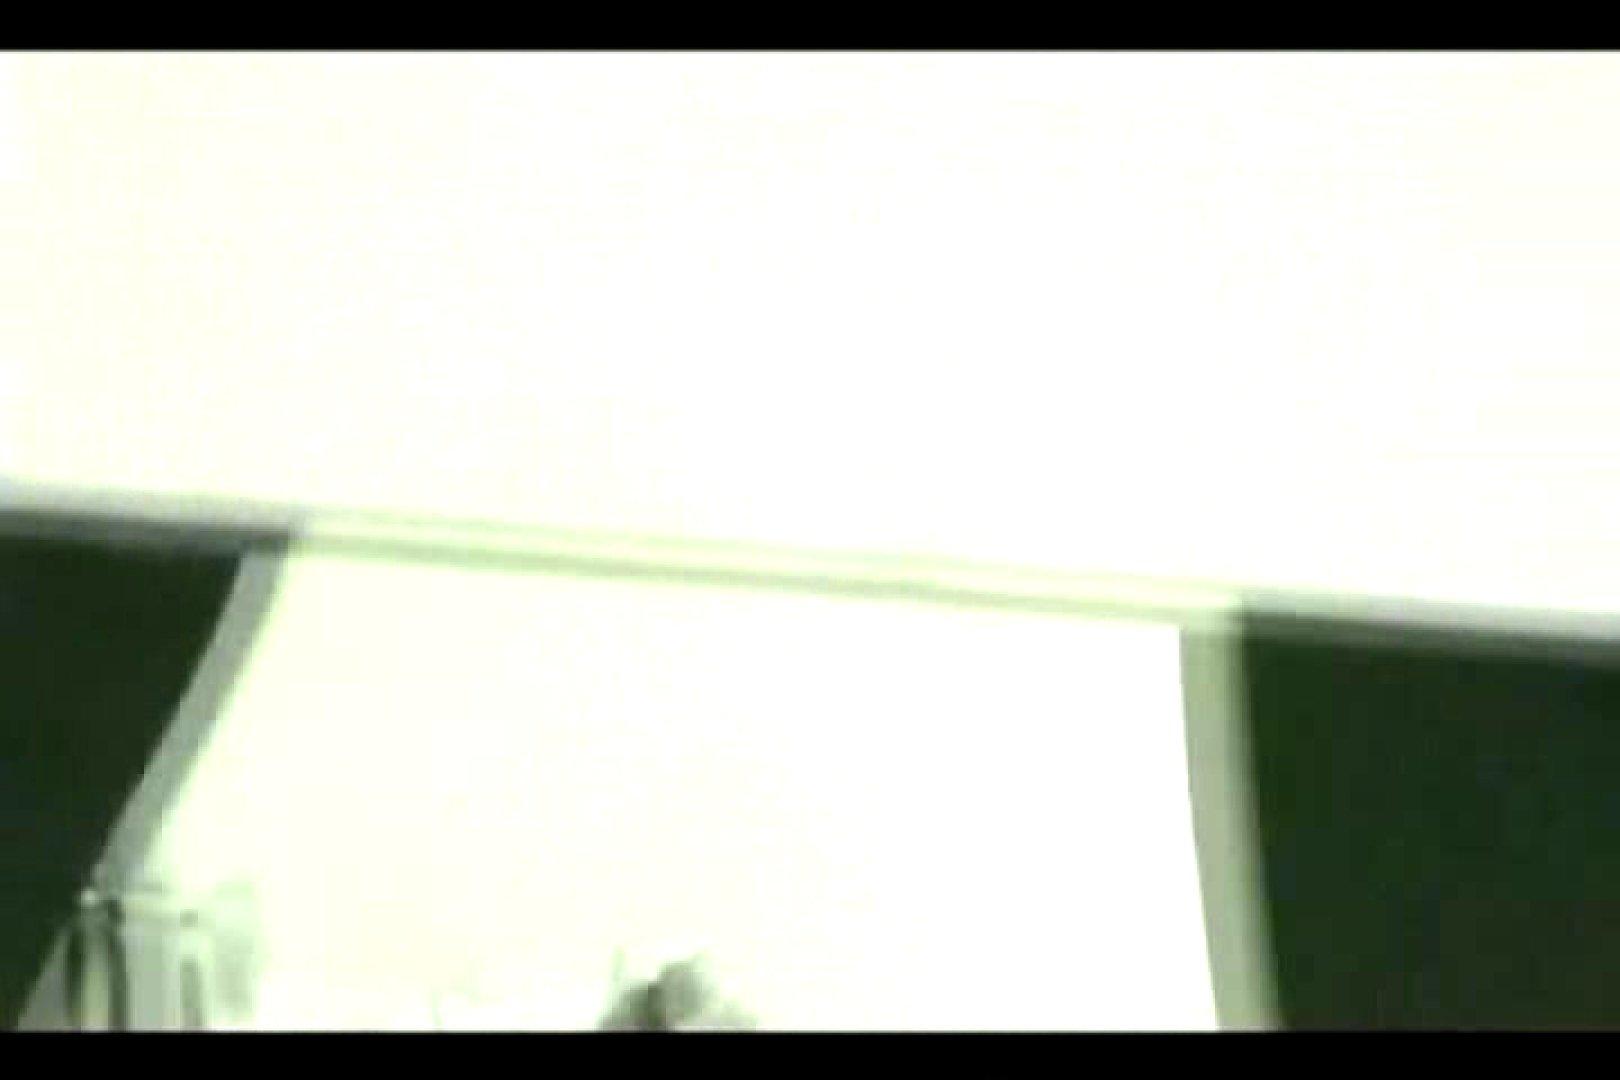 ぼっとん洗面所スペシャルVol.2 おまんこ オマンコ動画キャプチャ 106pic 103